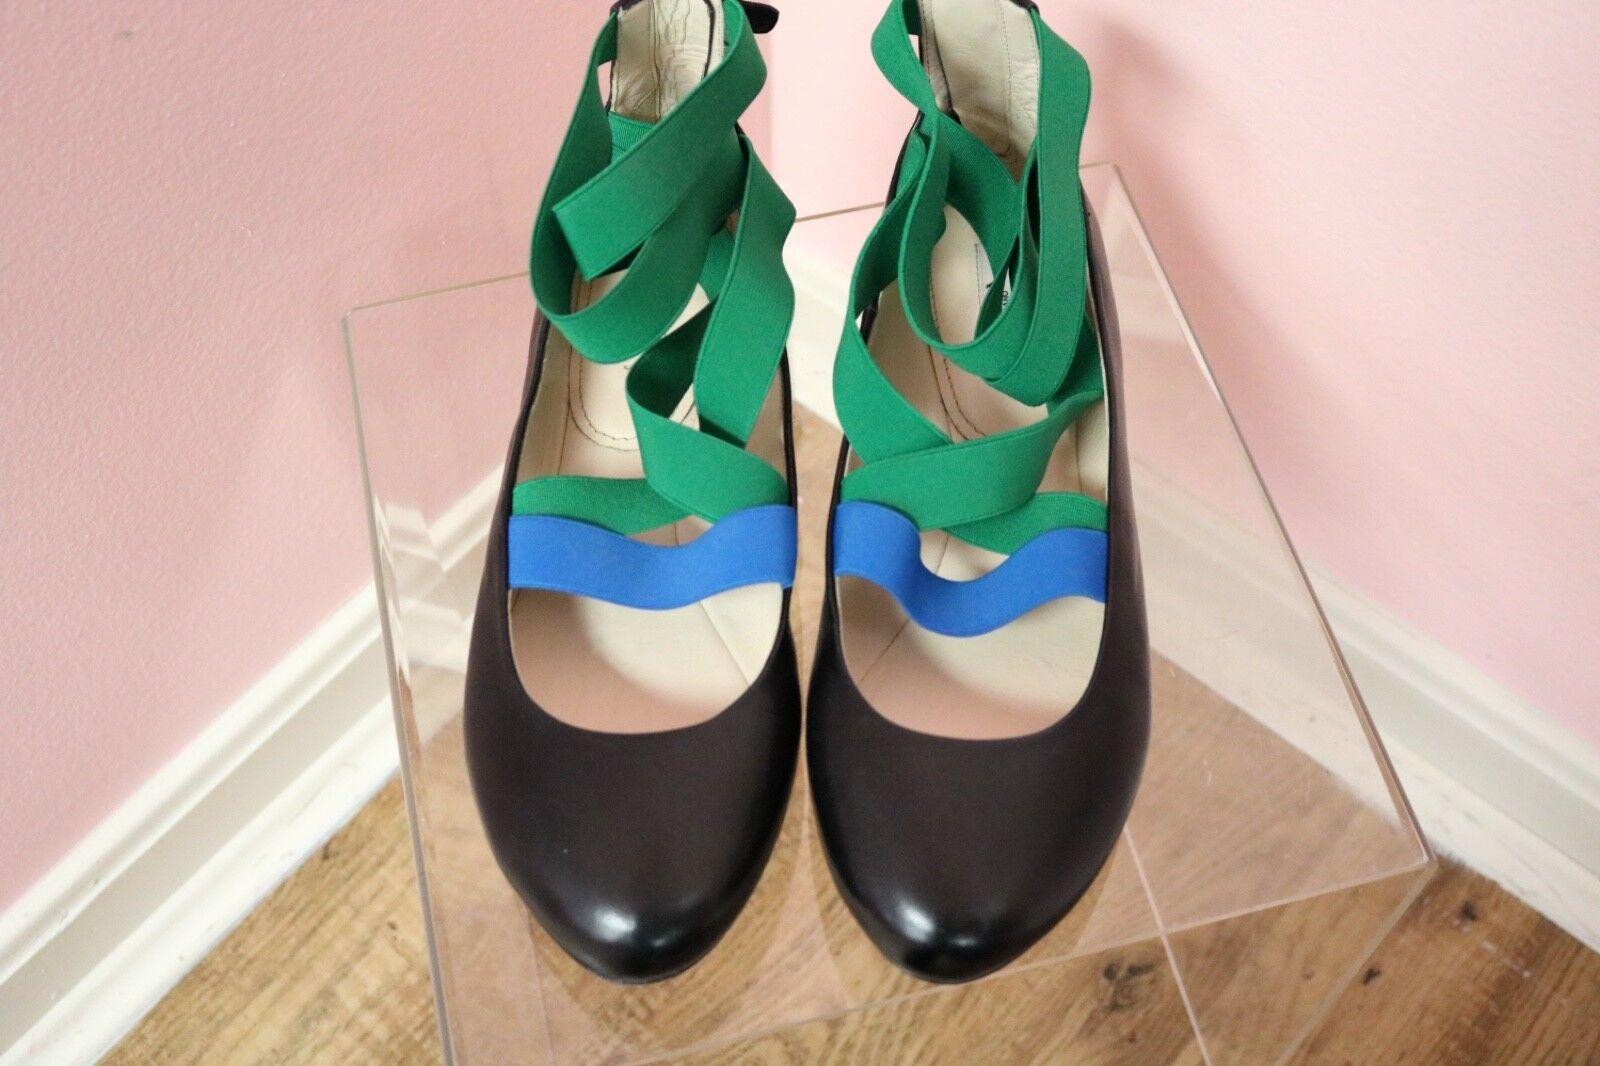 Zapatos De Cuero nuevo Prada 39 9 Ballet Zapatos Zapatos Zapatos sin Taco Sin Para Mujer Negro Diseñador rara Azul verde  Los mejores precios y los estilos más frescos.